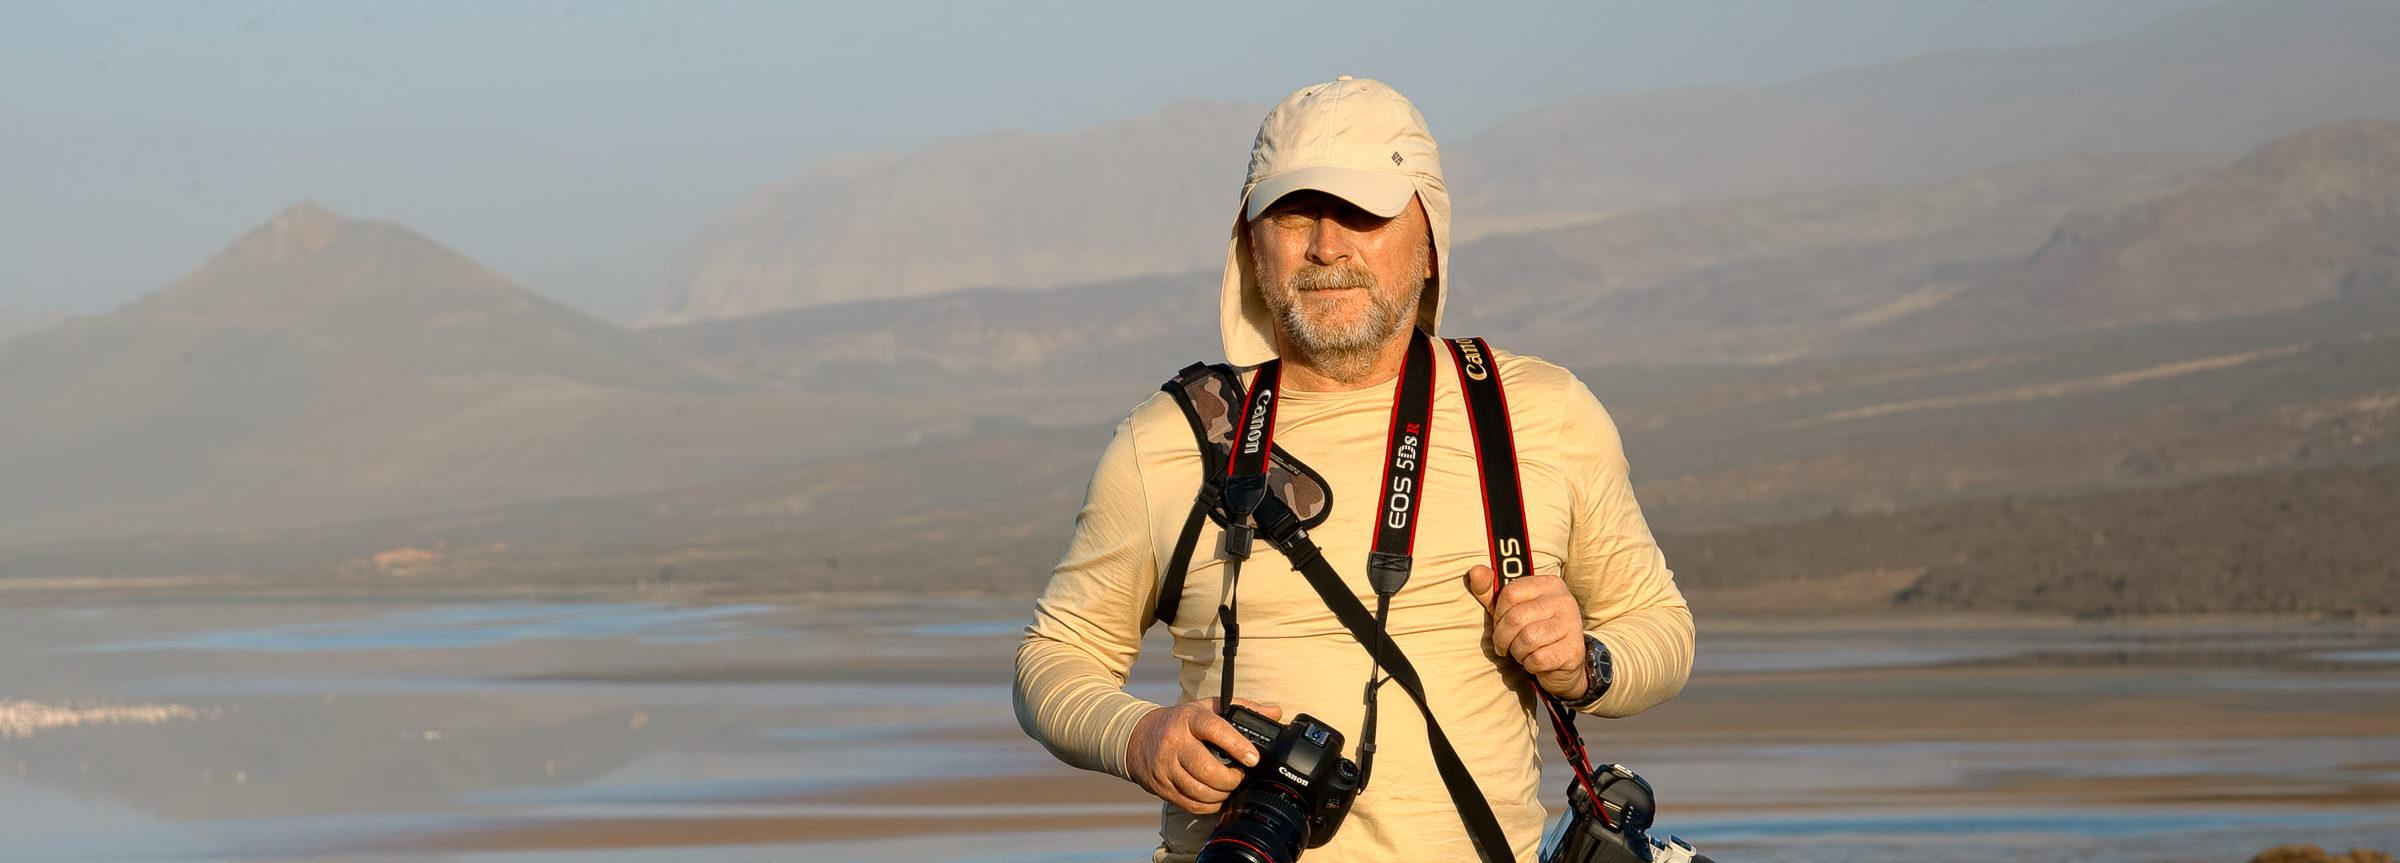 Озера Великой Рифтовой Долины, Кения